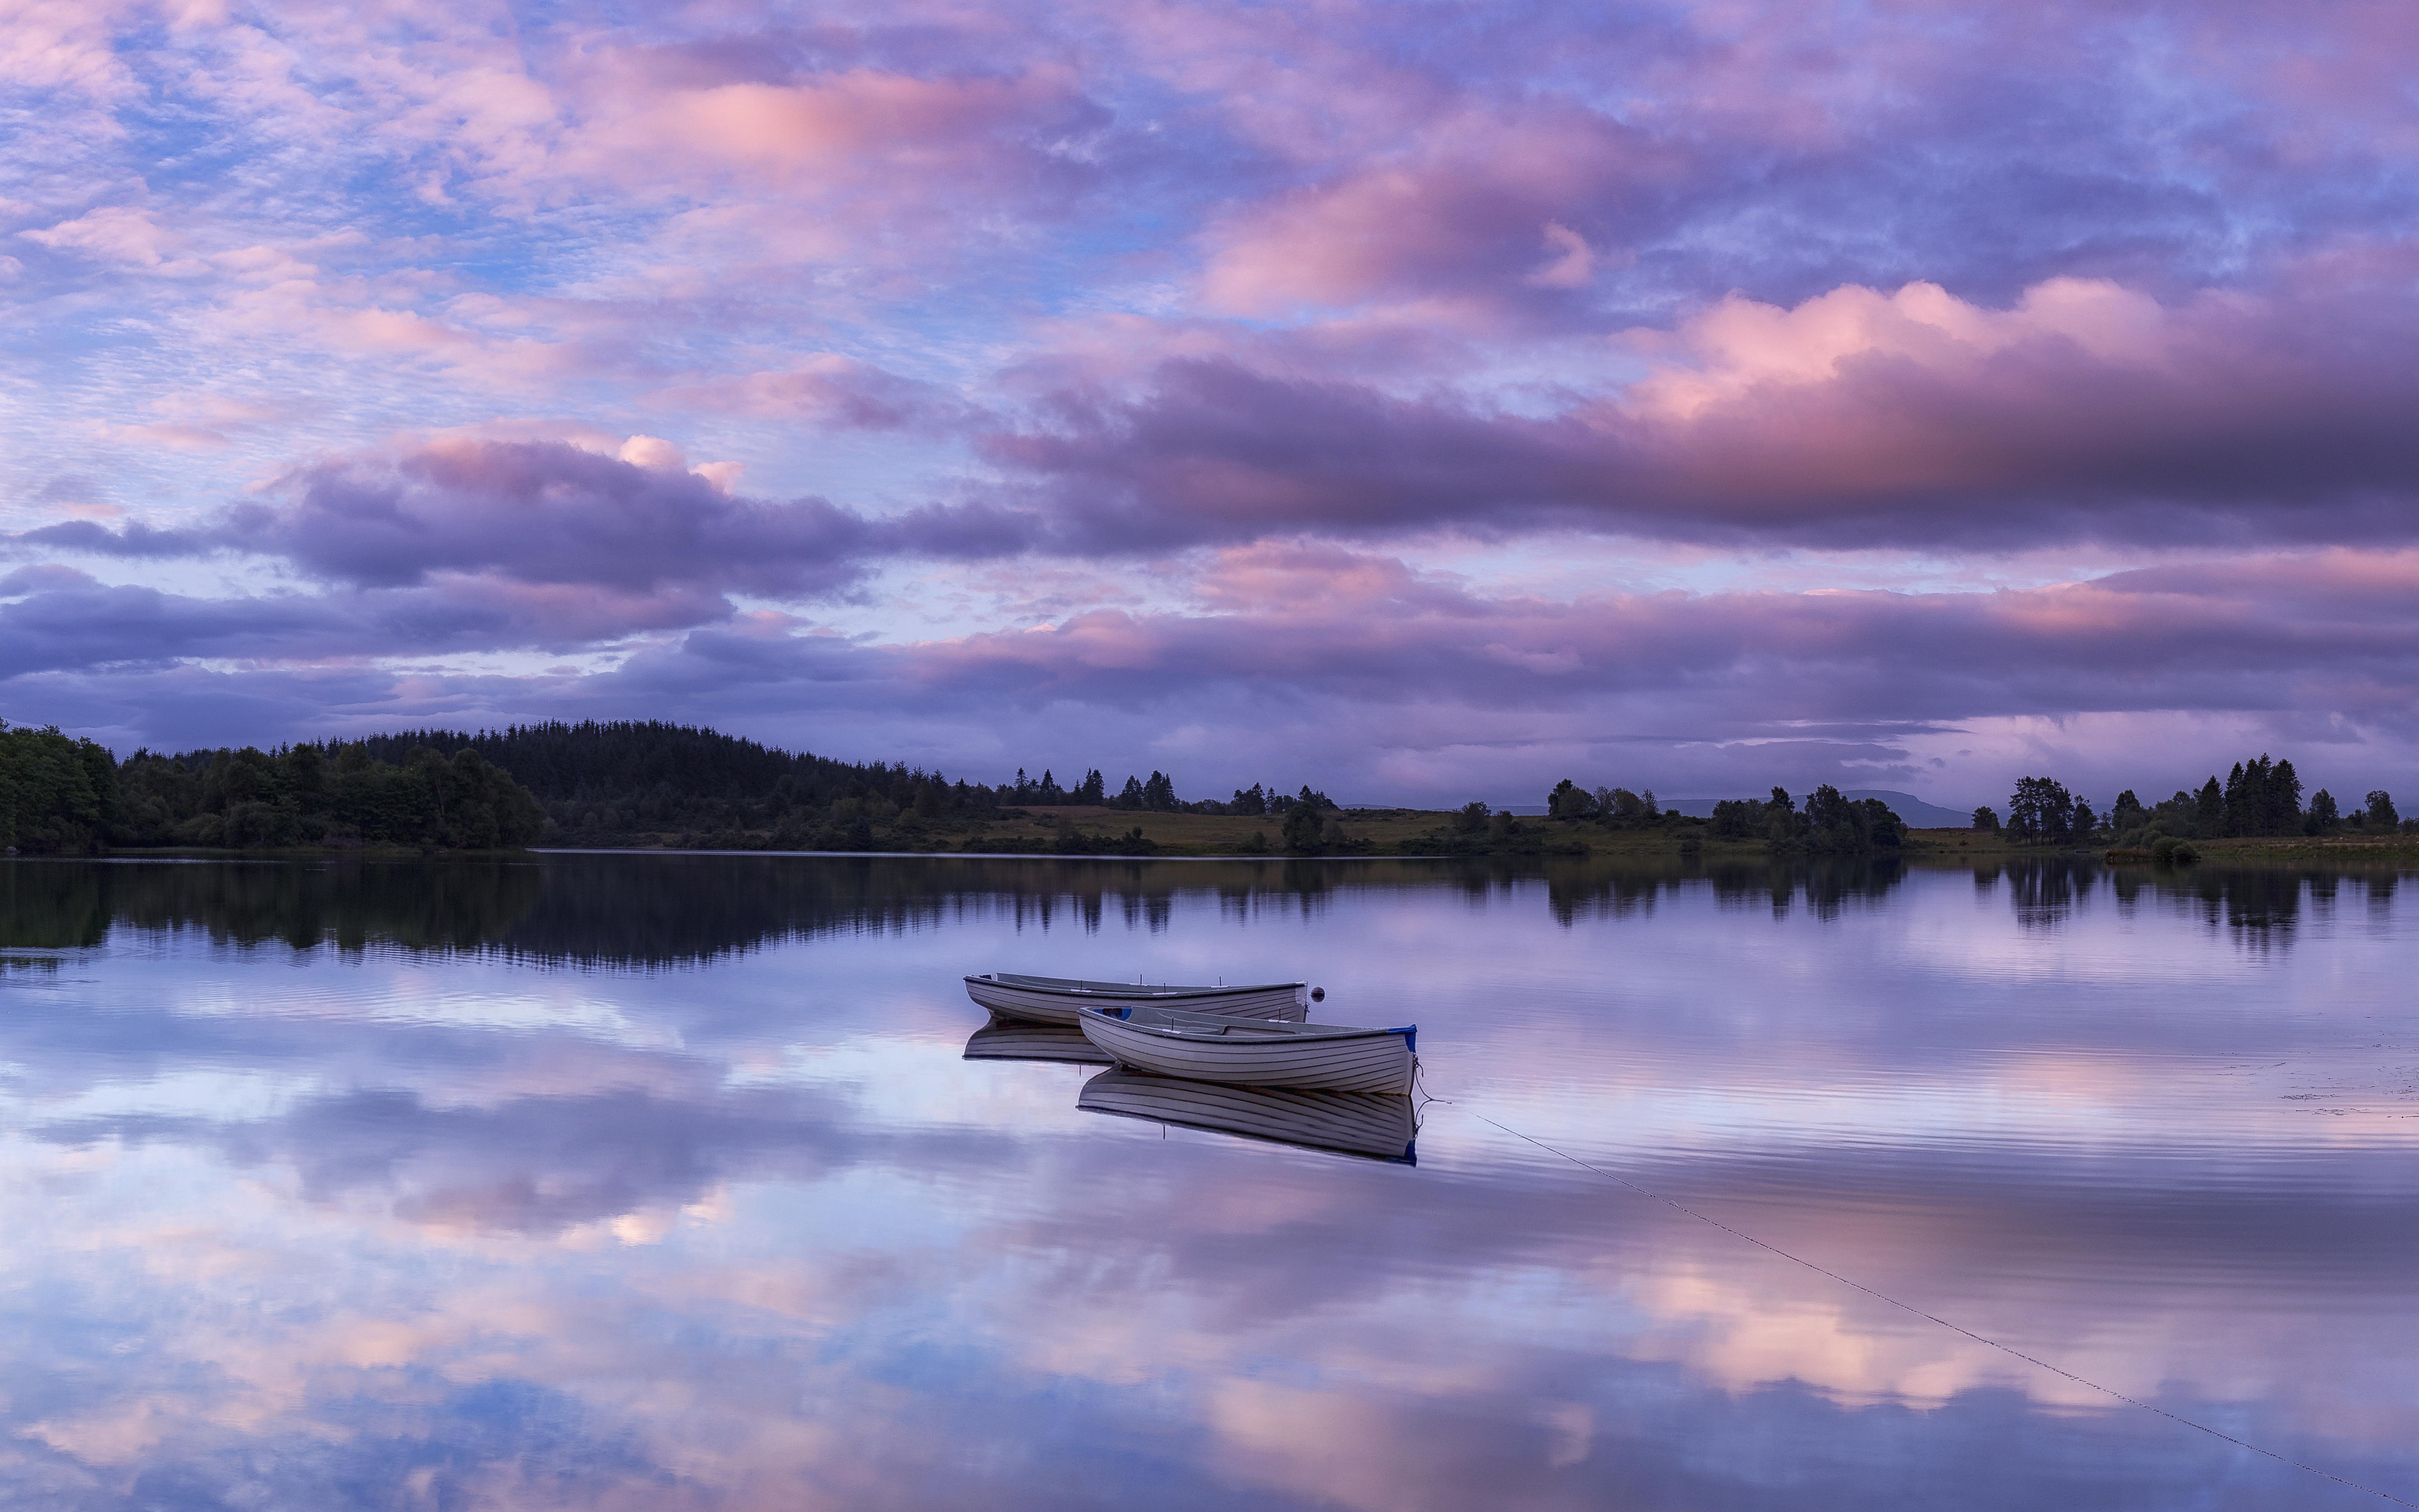 71603 Заставки и Обои Лодки на телефон. Скачать Природа, Озеро, Лодки, Горизонт, Восход, Рассвет, Лох-Ломонд, Троссахс, Шотландия картинки бесплатно